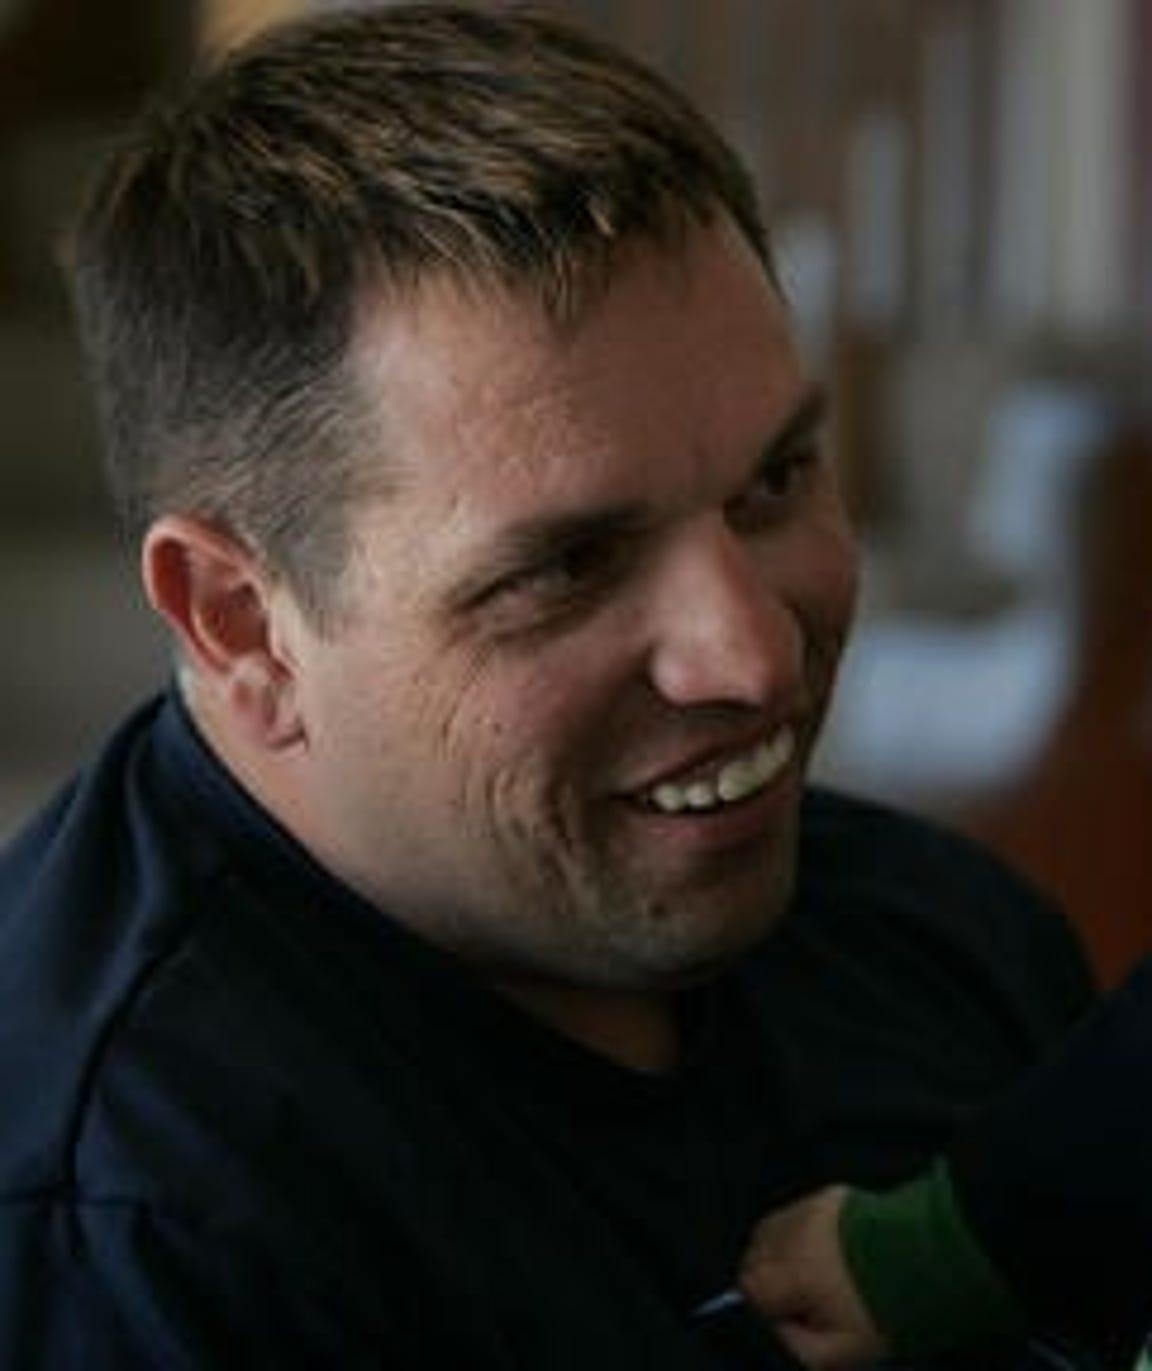 Former Johnston police officer Travis Hamilton